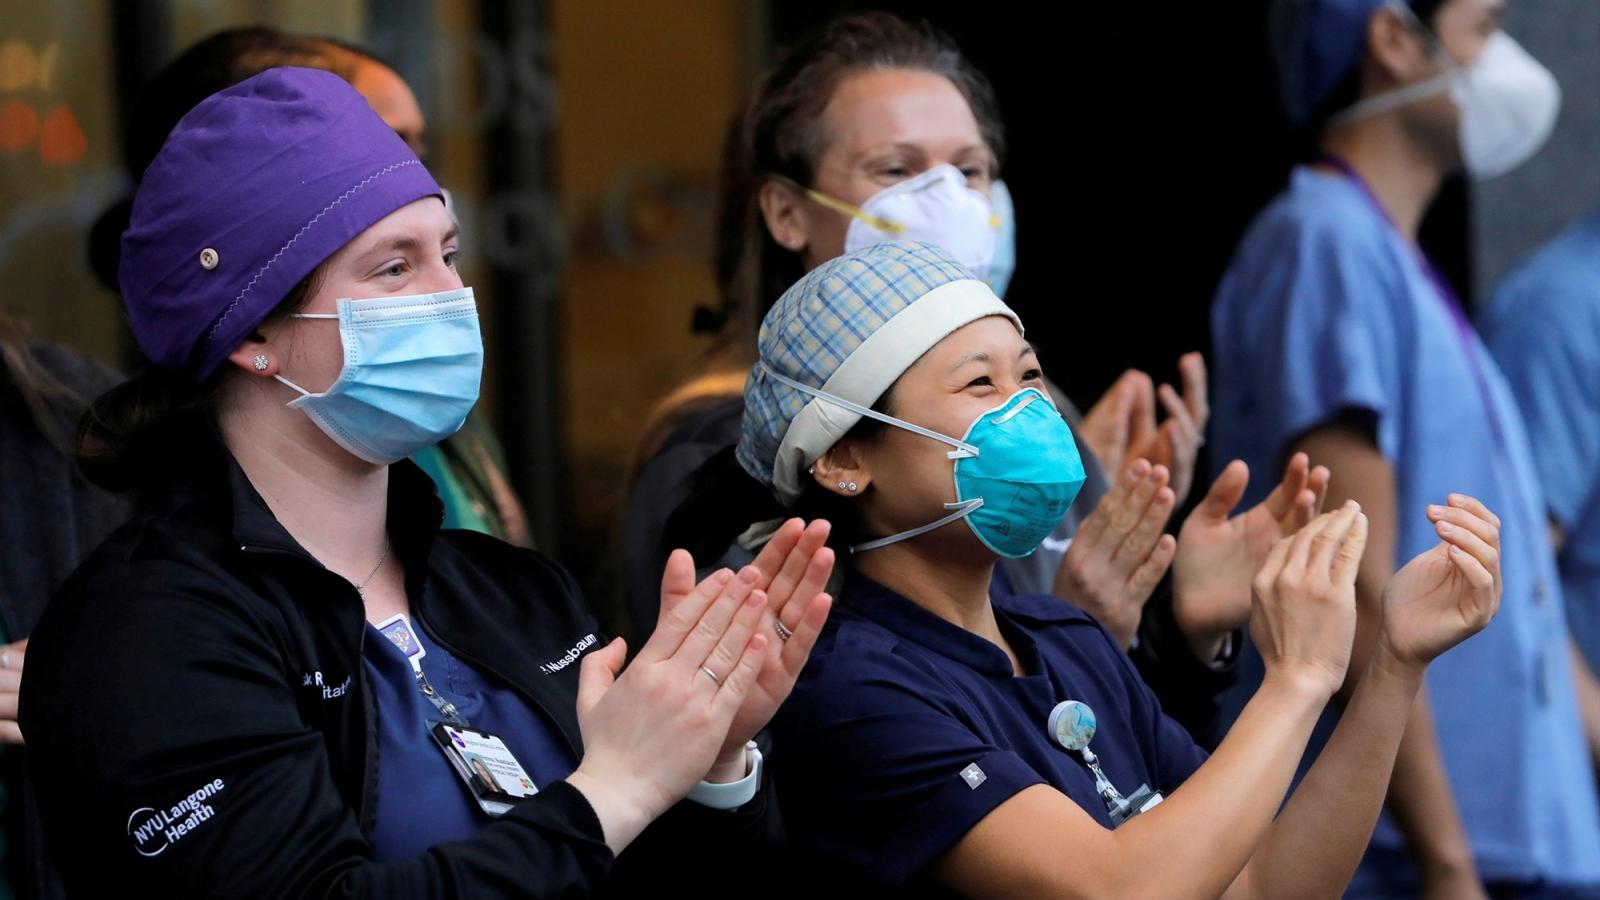 Nhân viên y tế gốc Á đối mặt với sự thù ghét và bạo lực giữa đại dịch Covid-19